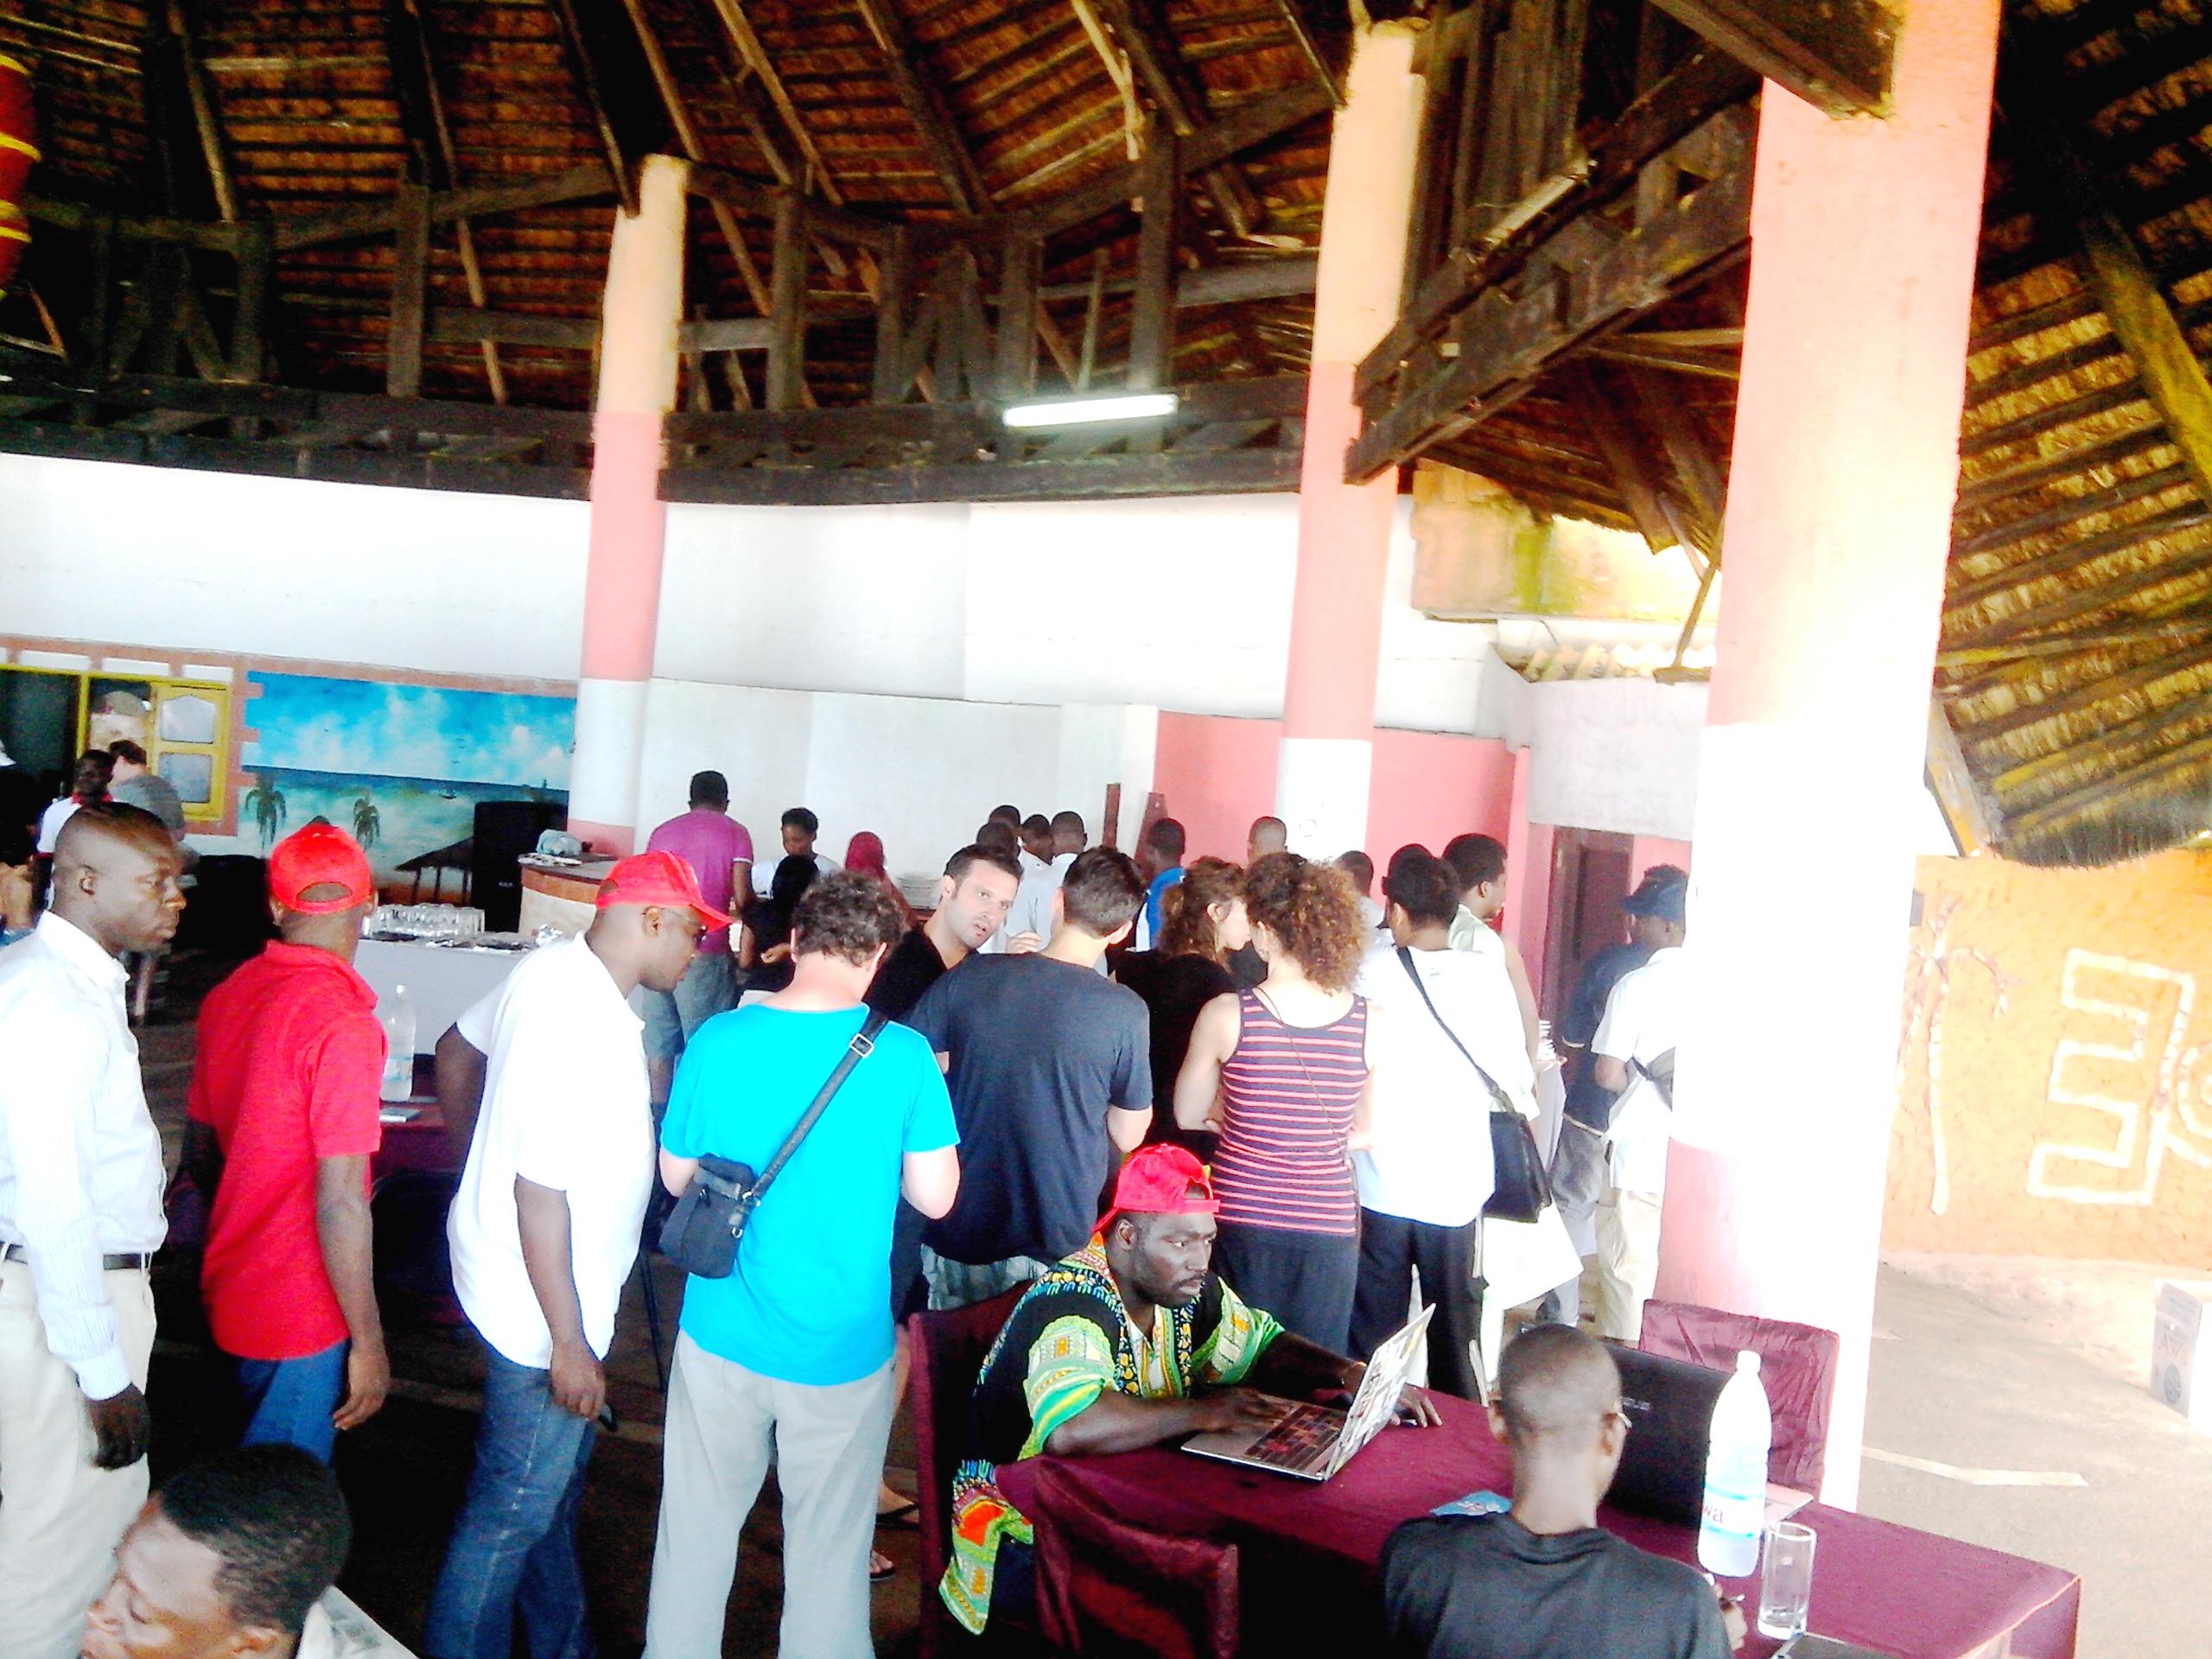 Mondoblog-Abidjan : administrateurs, formateurs, blogueurs, tout le monde en ligne pour aller retirer son plat. Crédit photo : Osman Jérôme